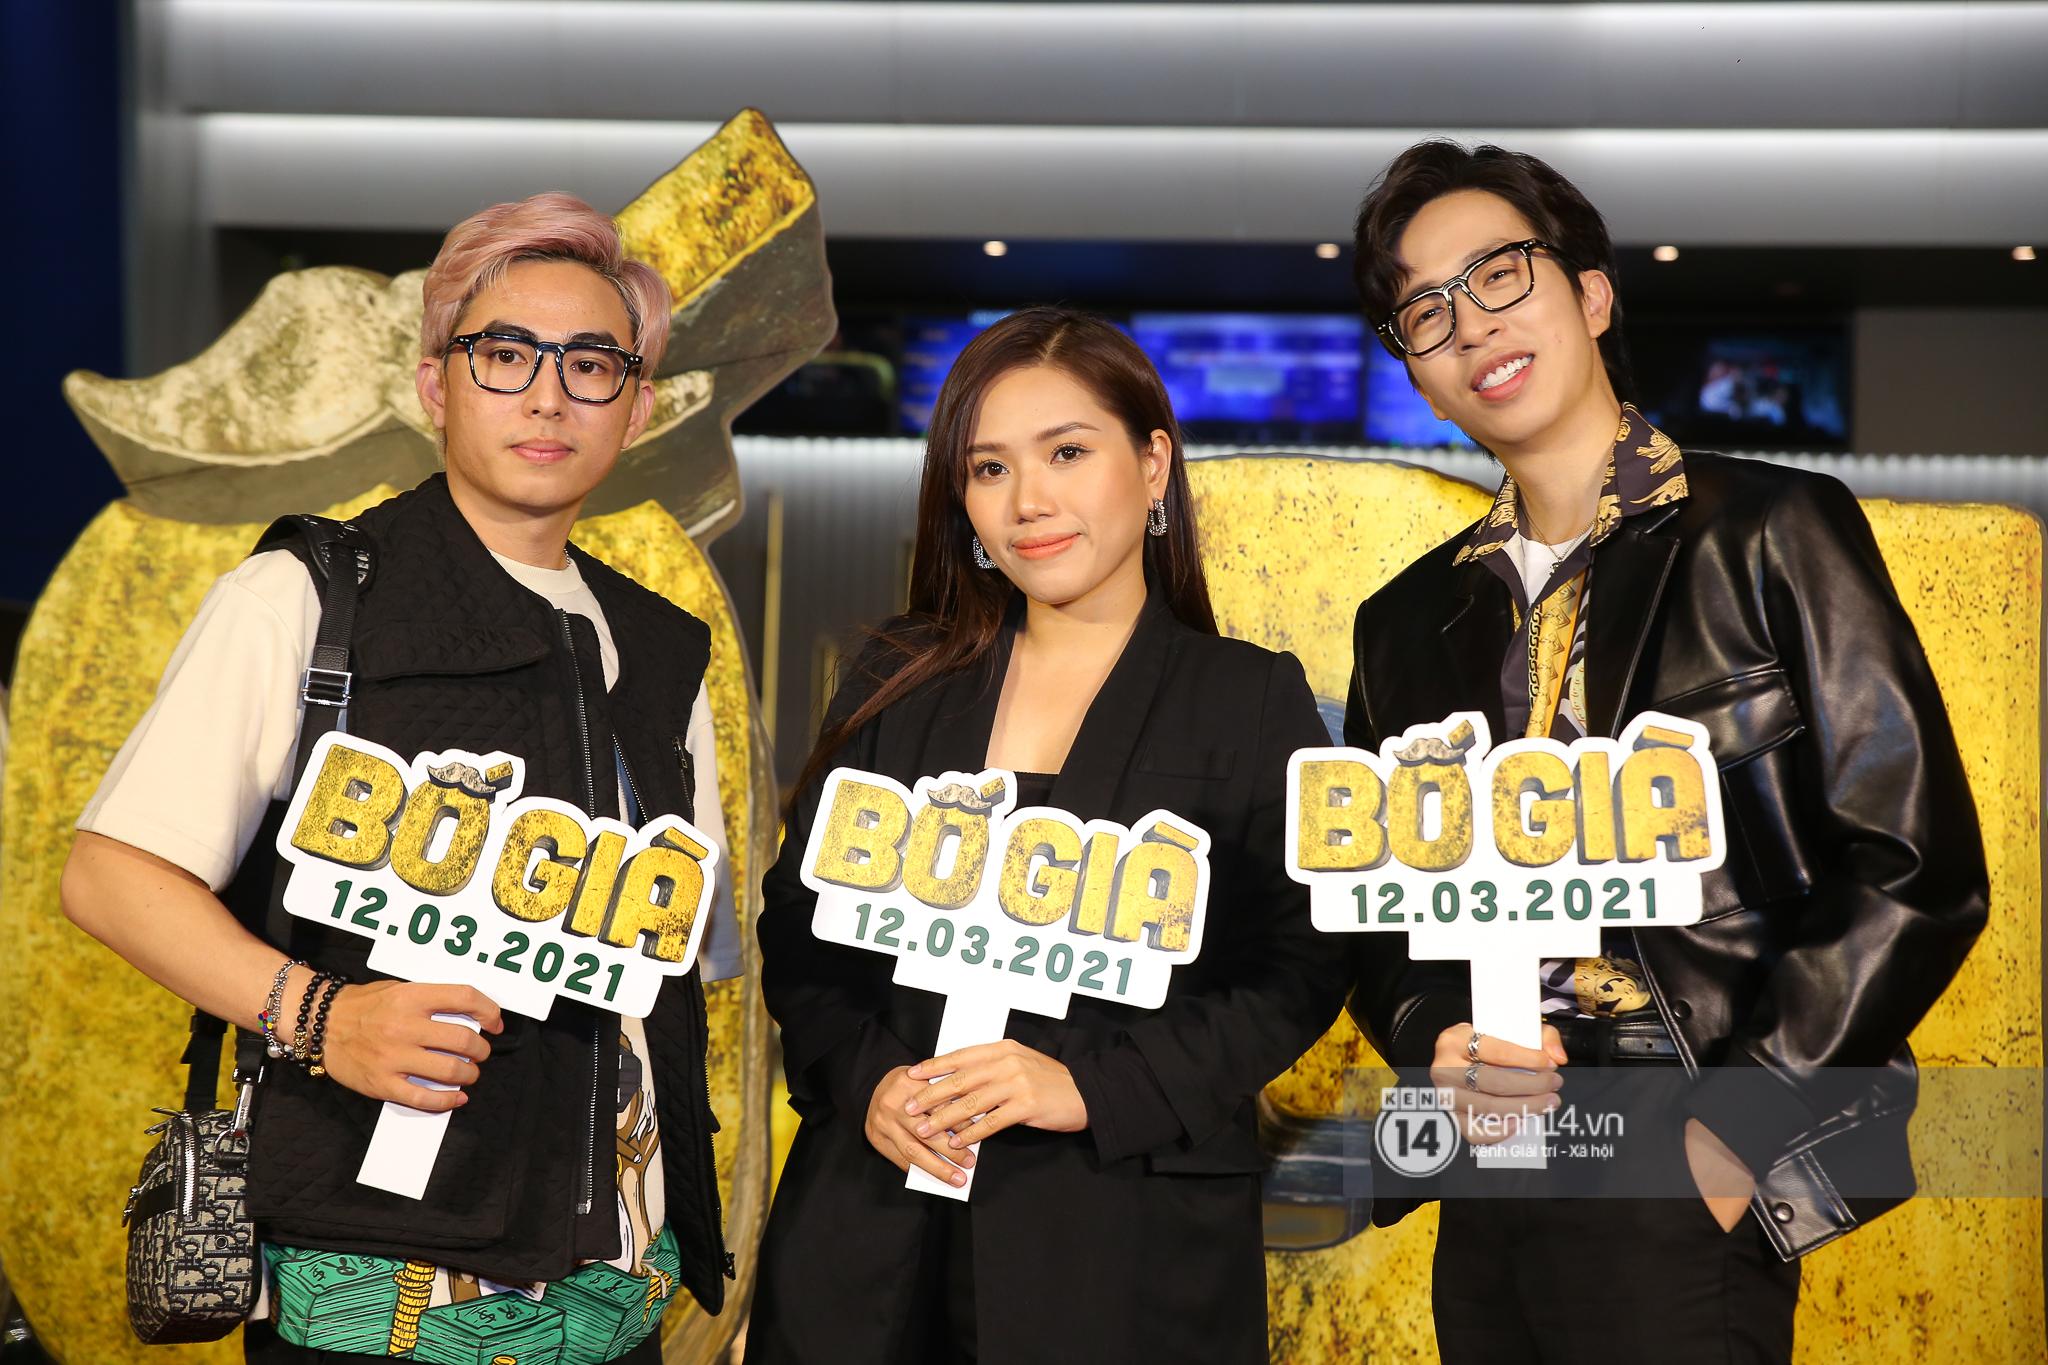 Cặp đôi nhà Đông Nhi, Lệ Quyên thi nhau show ân ái không kém cạnh Trấn Thành - Hariwon ở siêu thảm đỏ Bố Già - Ảnh 38.